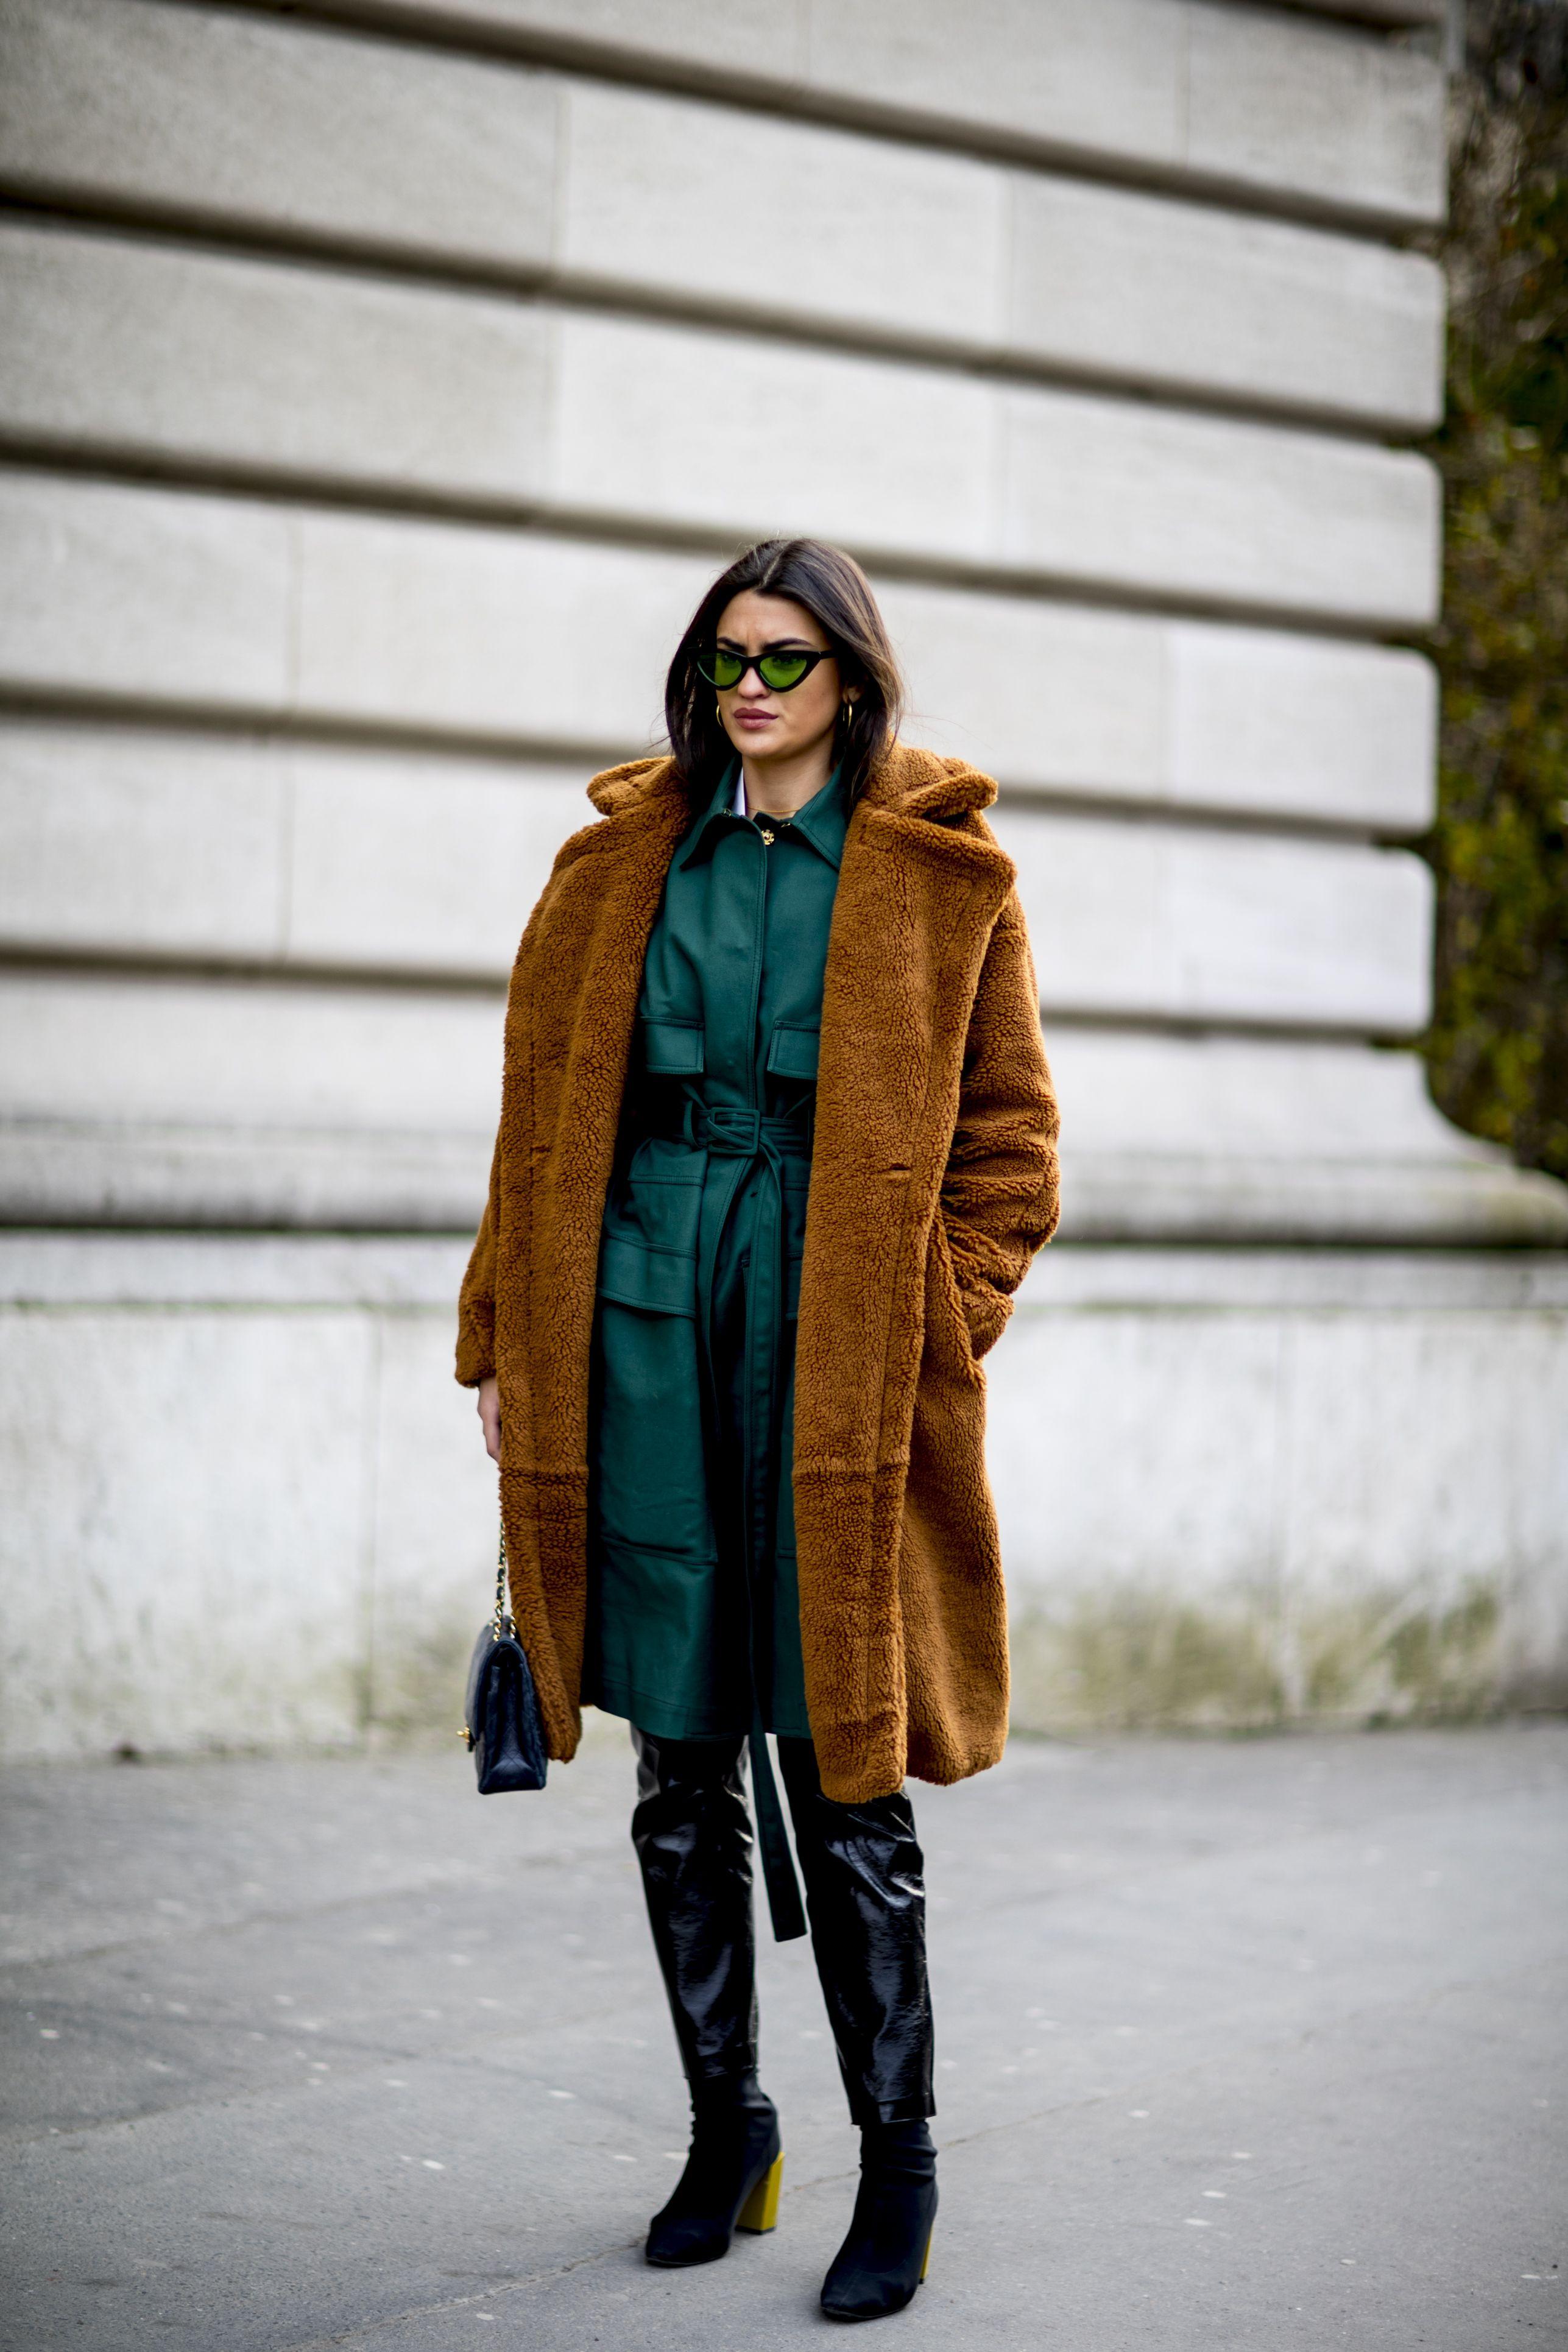 moda vestiti inverno 2019, vestiti lunghi inverno 2019, vestiti di maglia inverno 2019, vestiti in fantasia inverno 2019, come abbinare i vestiti lunghi d'inverno